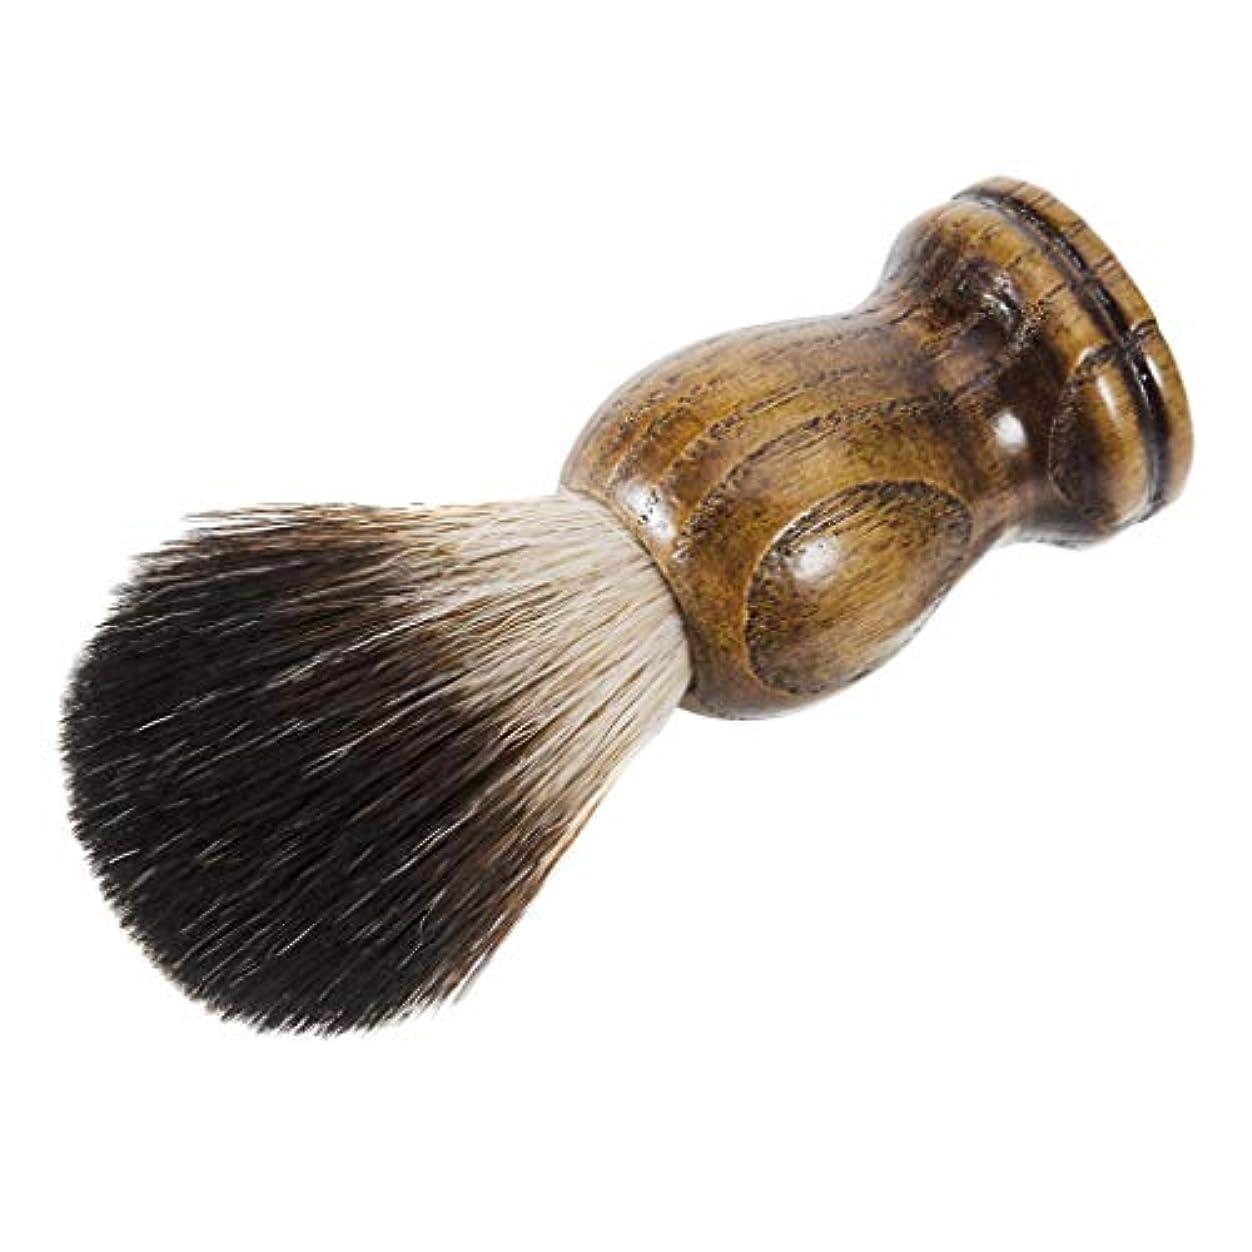 外交官平均代表するメンズ ひげブラシ シェービング ブラシ 理容 洗顔 髭剃り 泡立ち 滑り止め